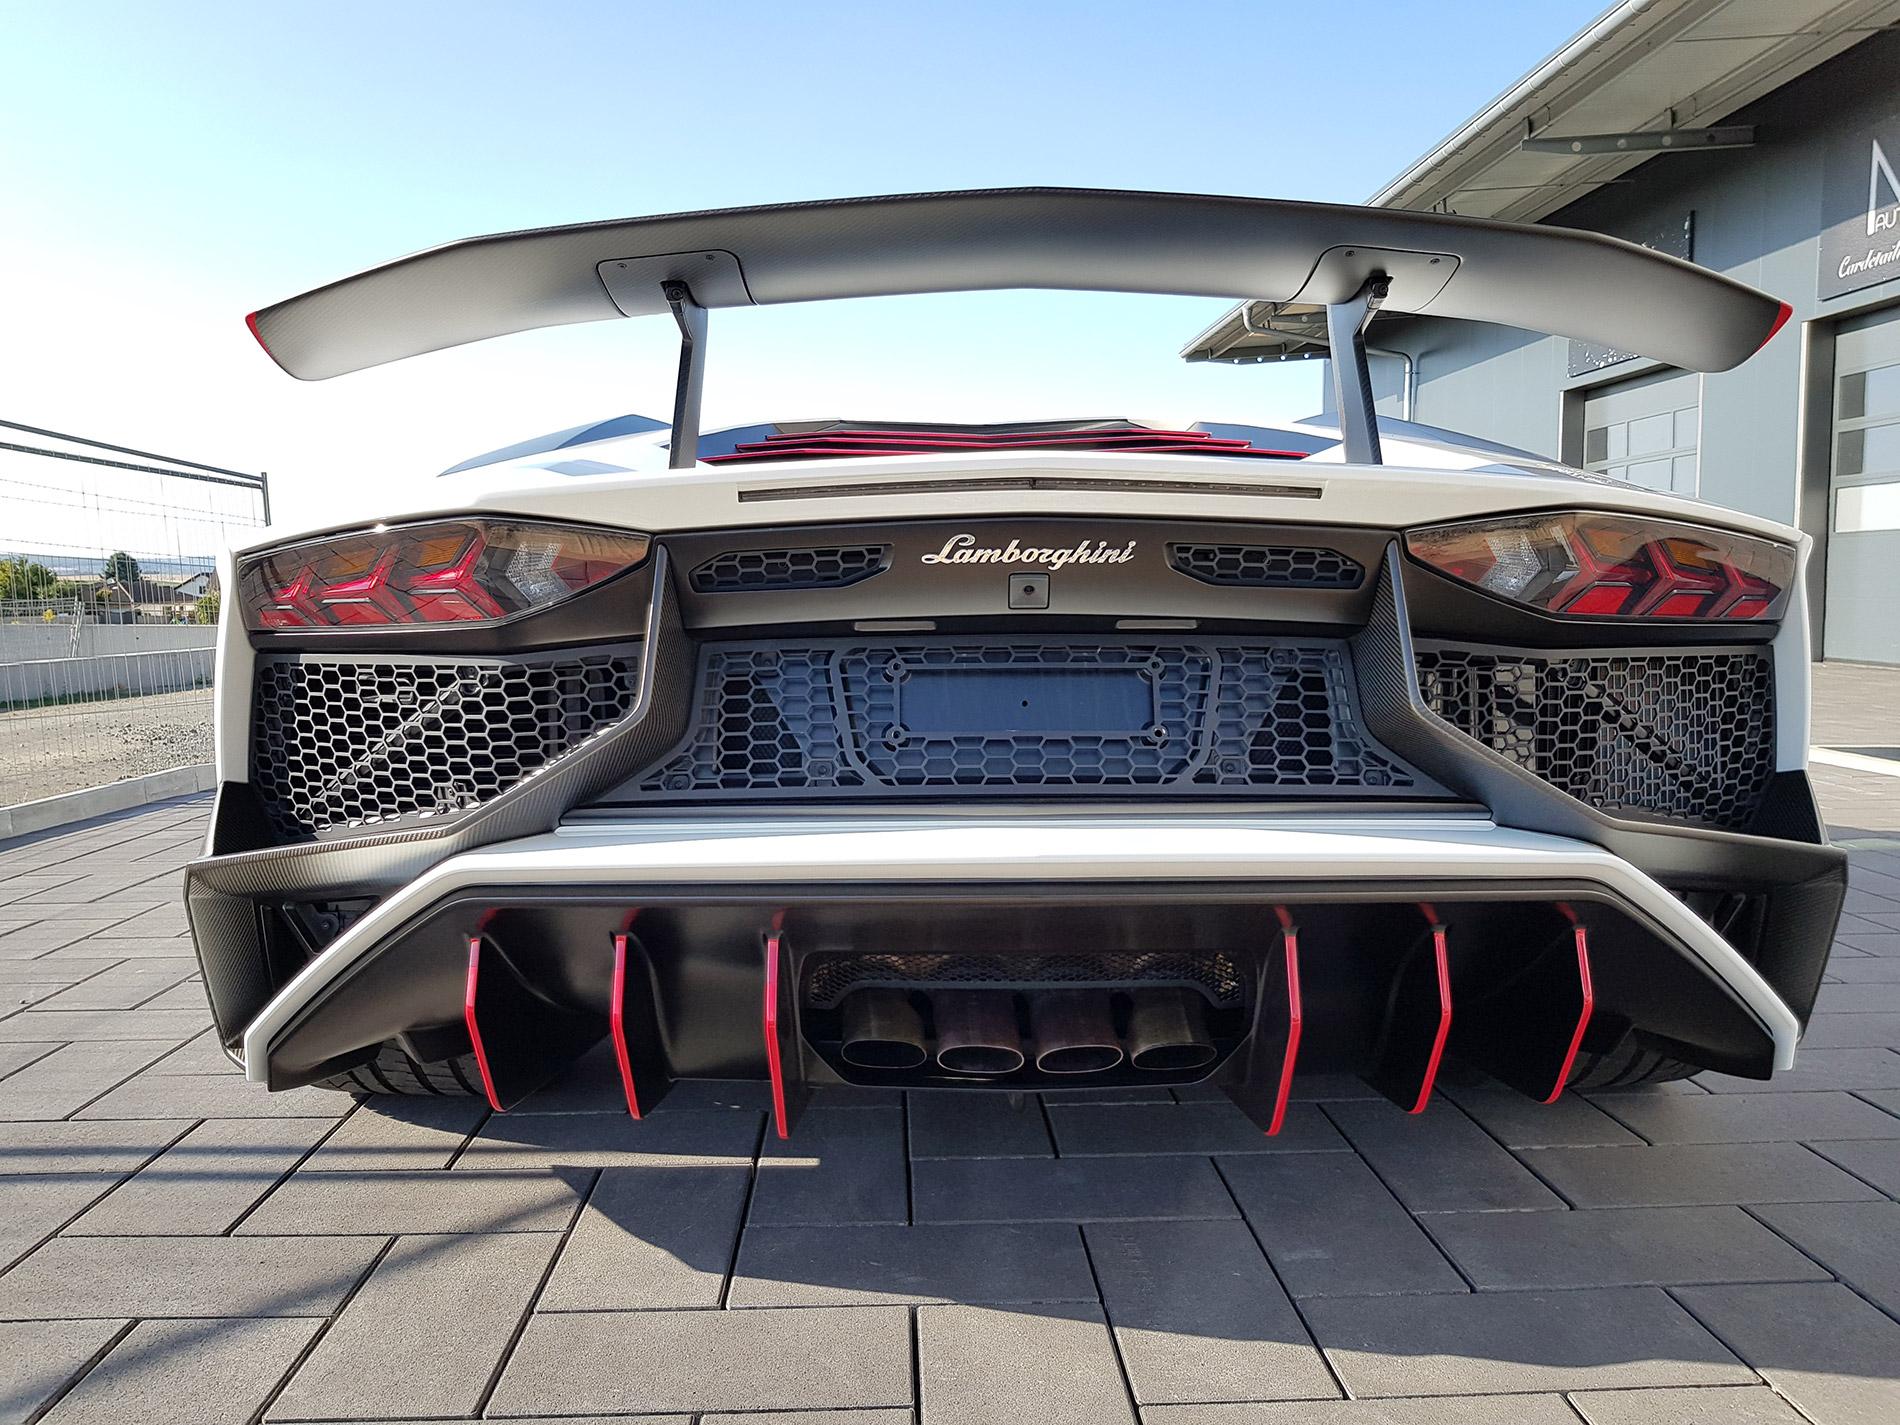 Lamborghini Aventador SV 3